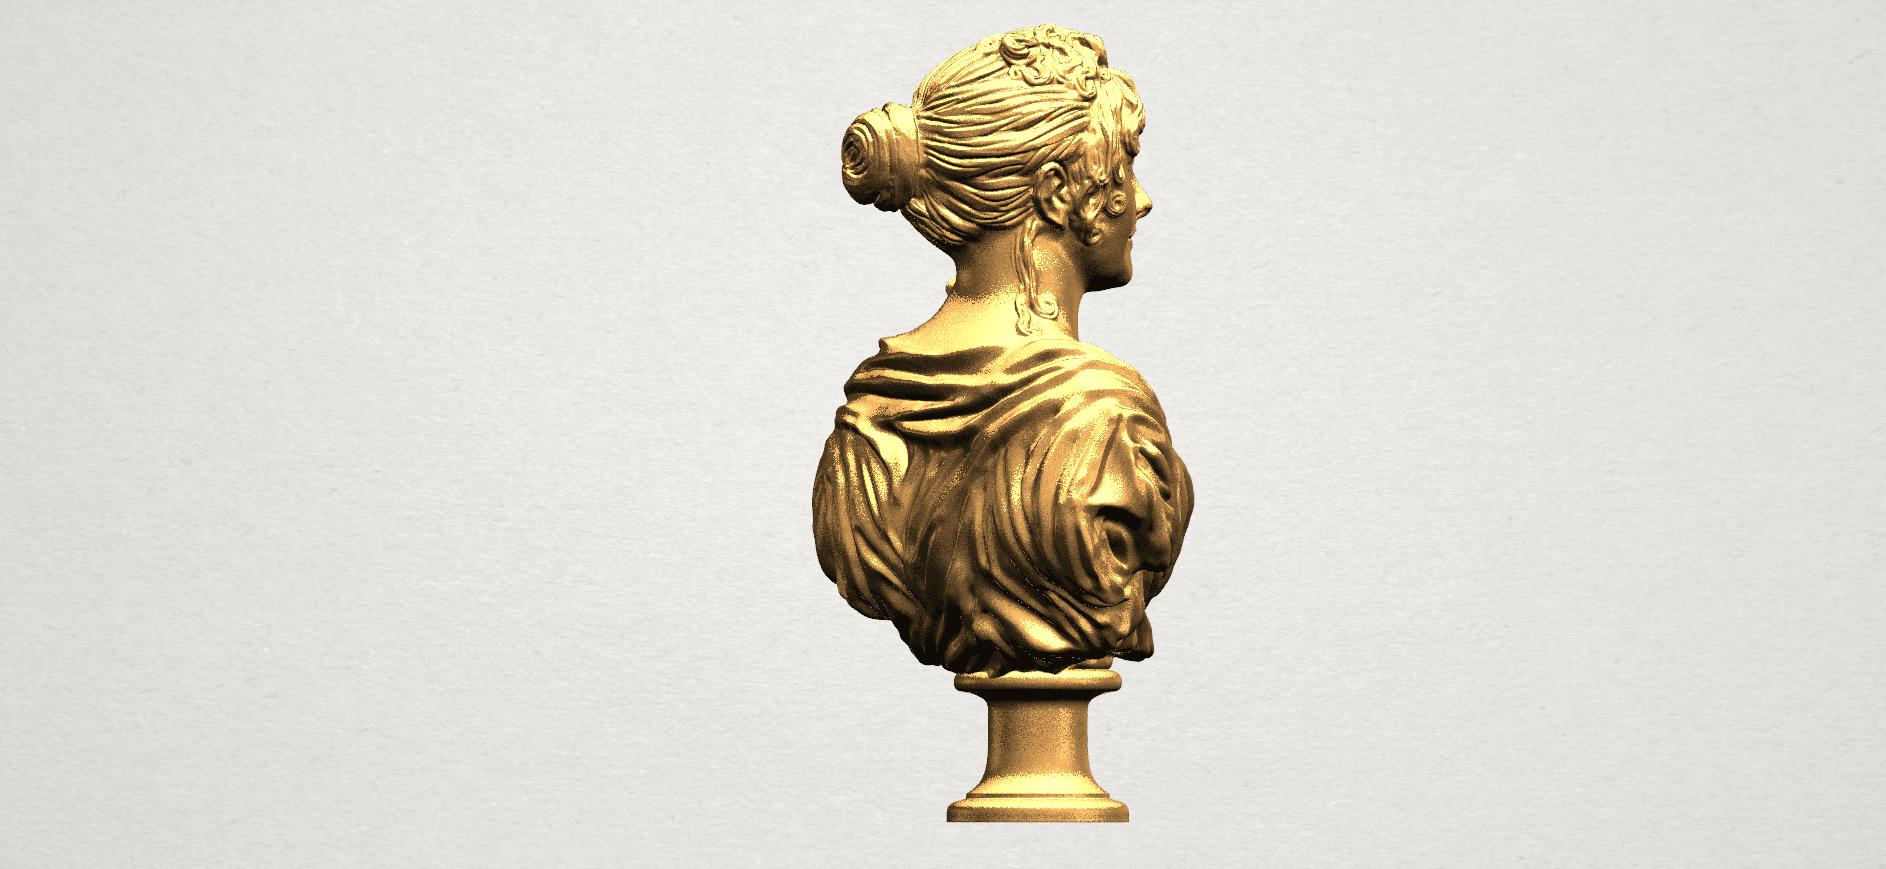 Bust of a girl 01 A05.png Télécharger fichier STL gratuit Buste d'une fille 01 • Modèle à imprimer en 3D, GeorgesNikkei